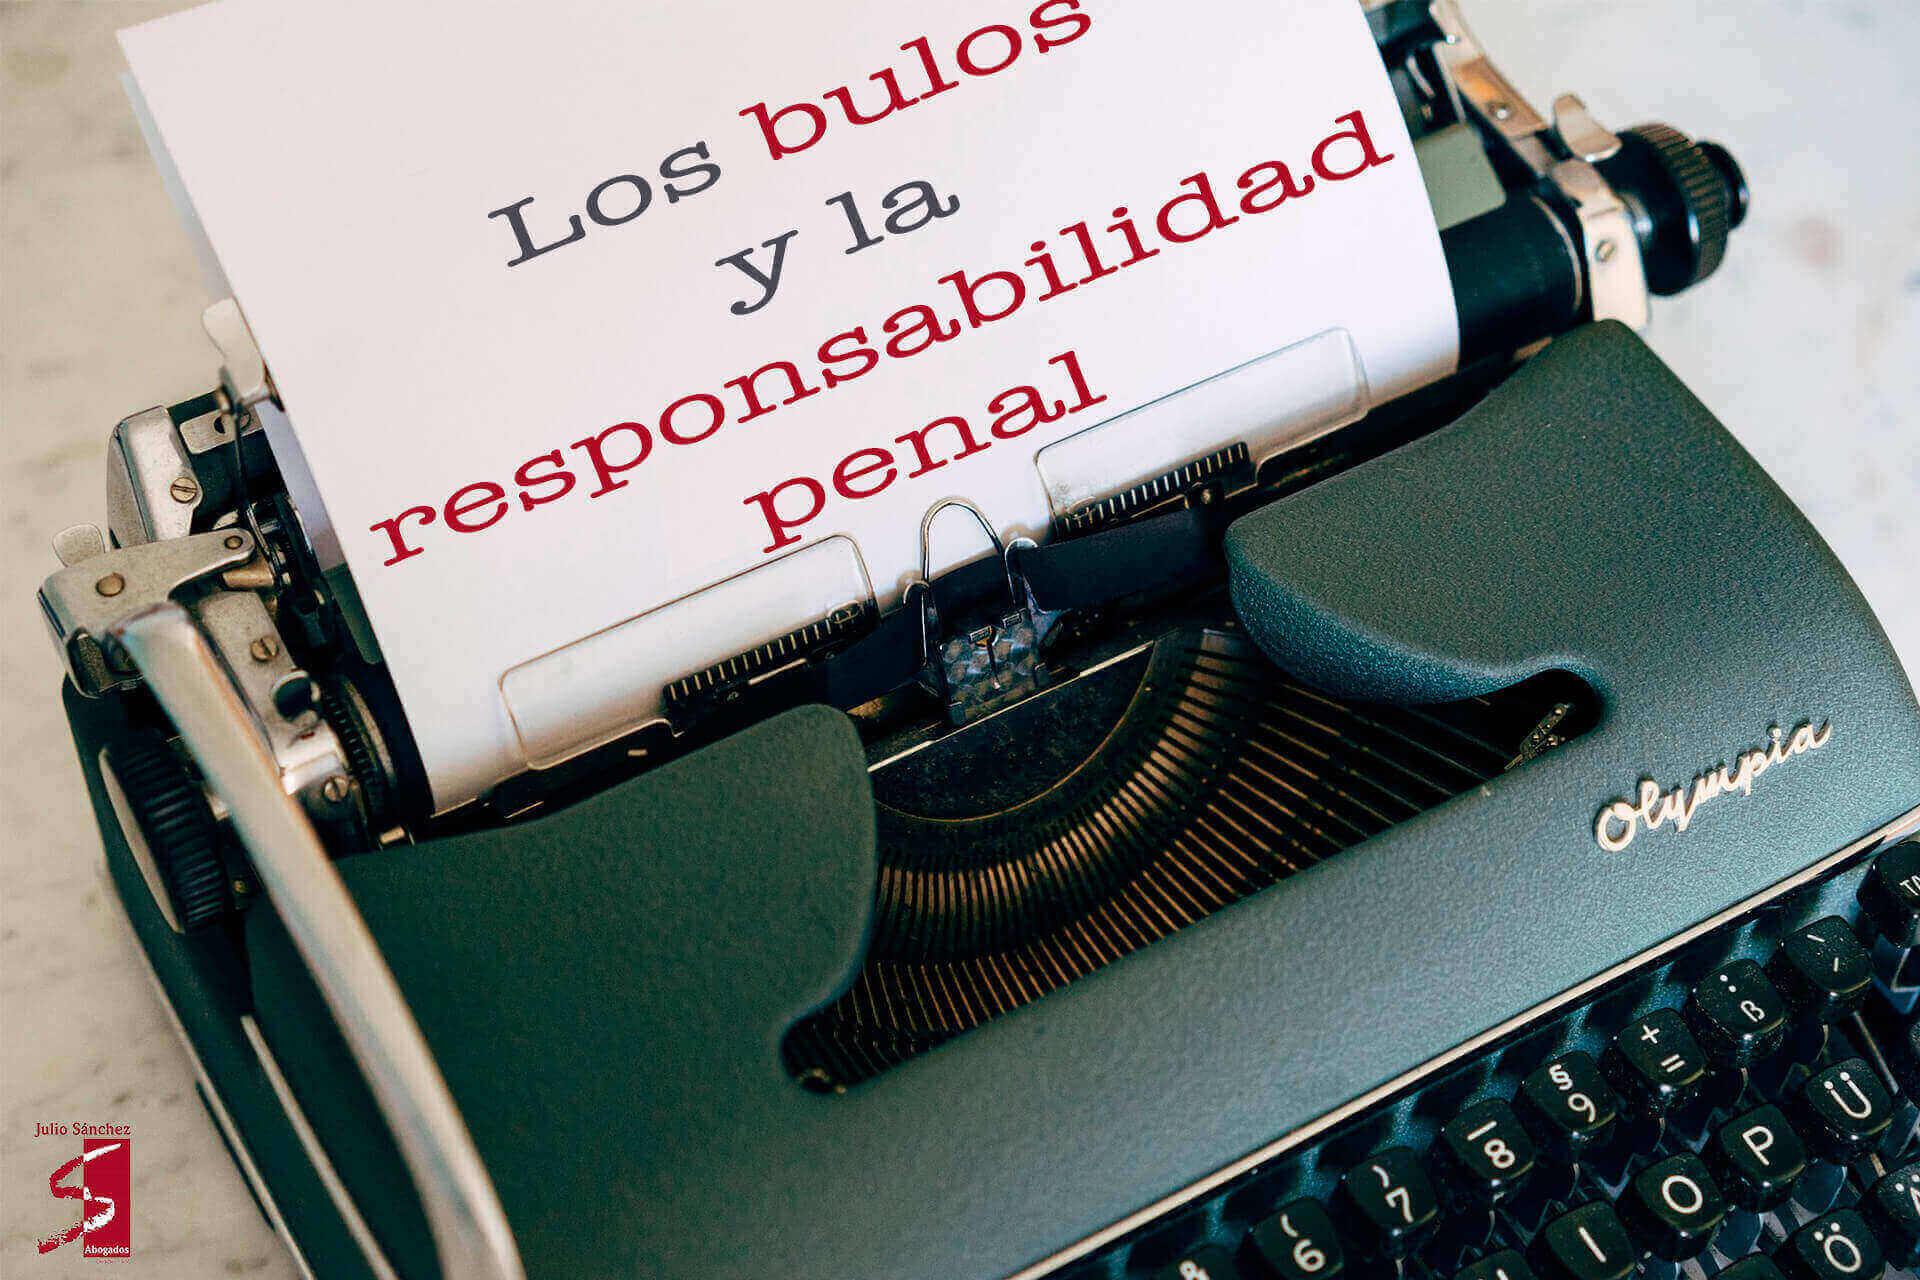 Julio_Sanche_Abogados_Bulos_y_Responsabilidad_Penal